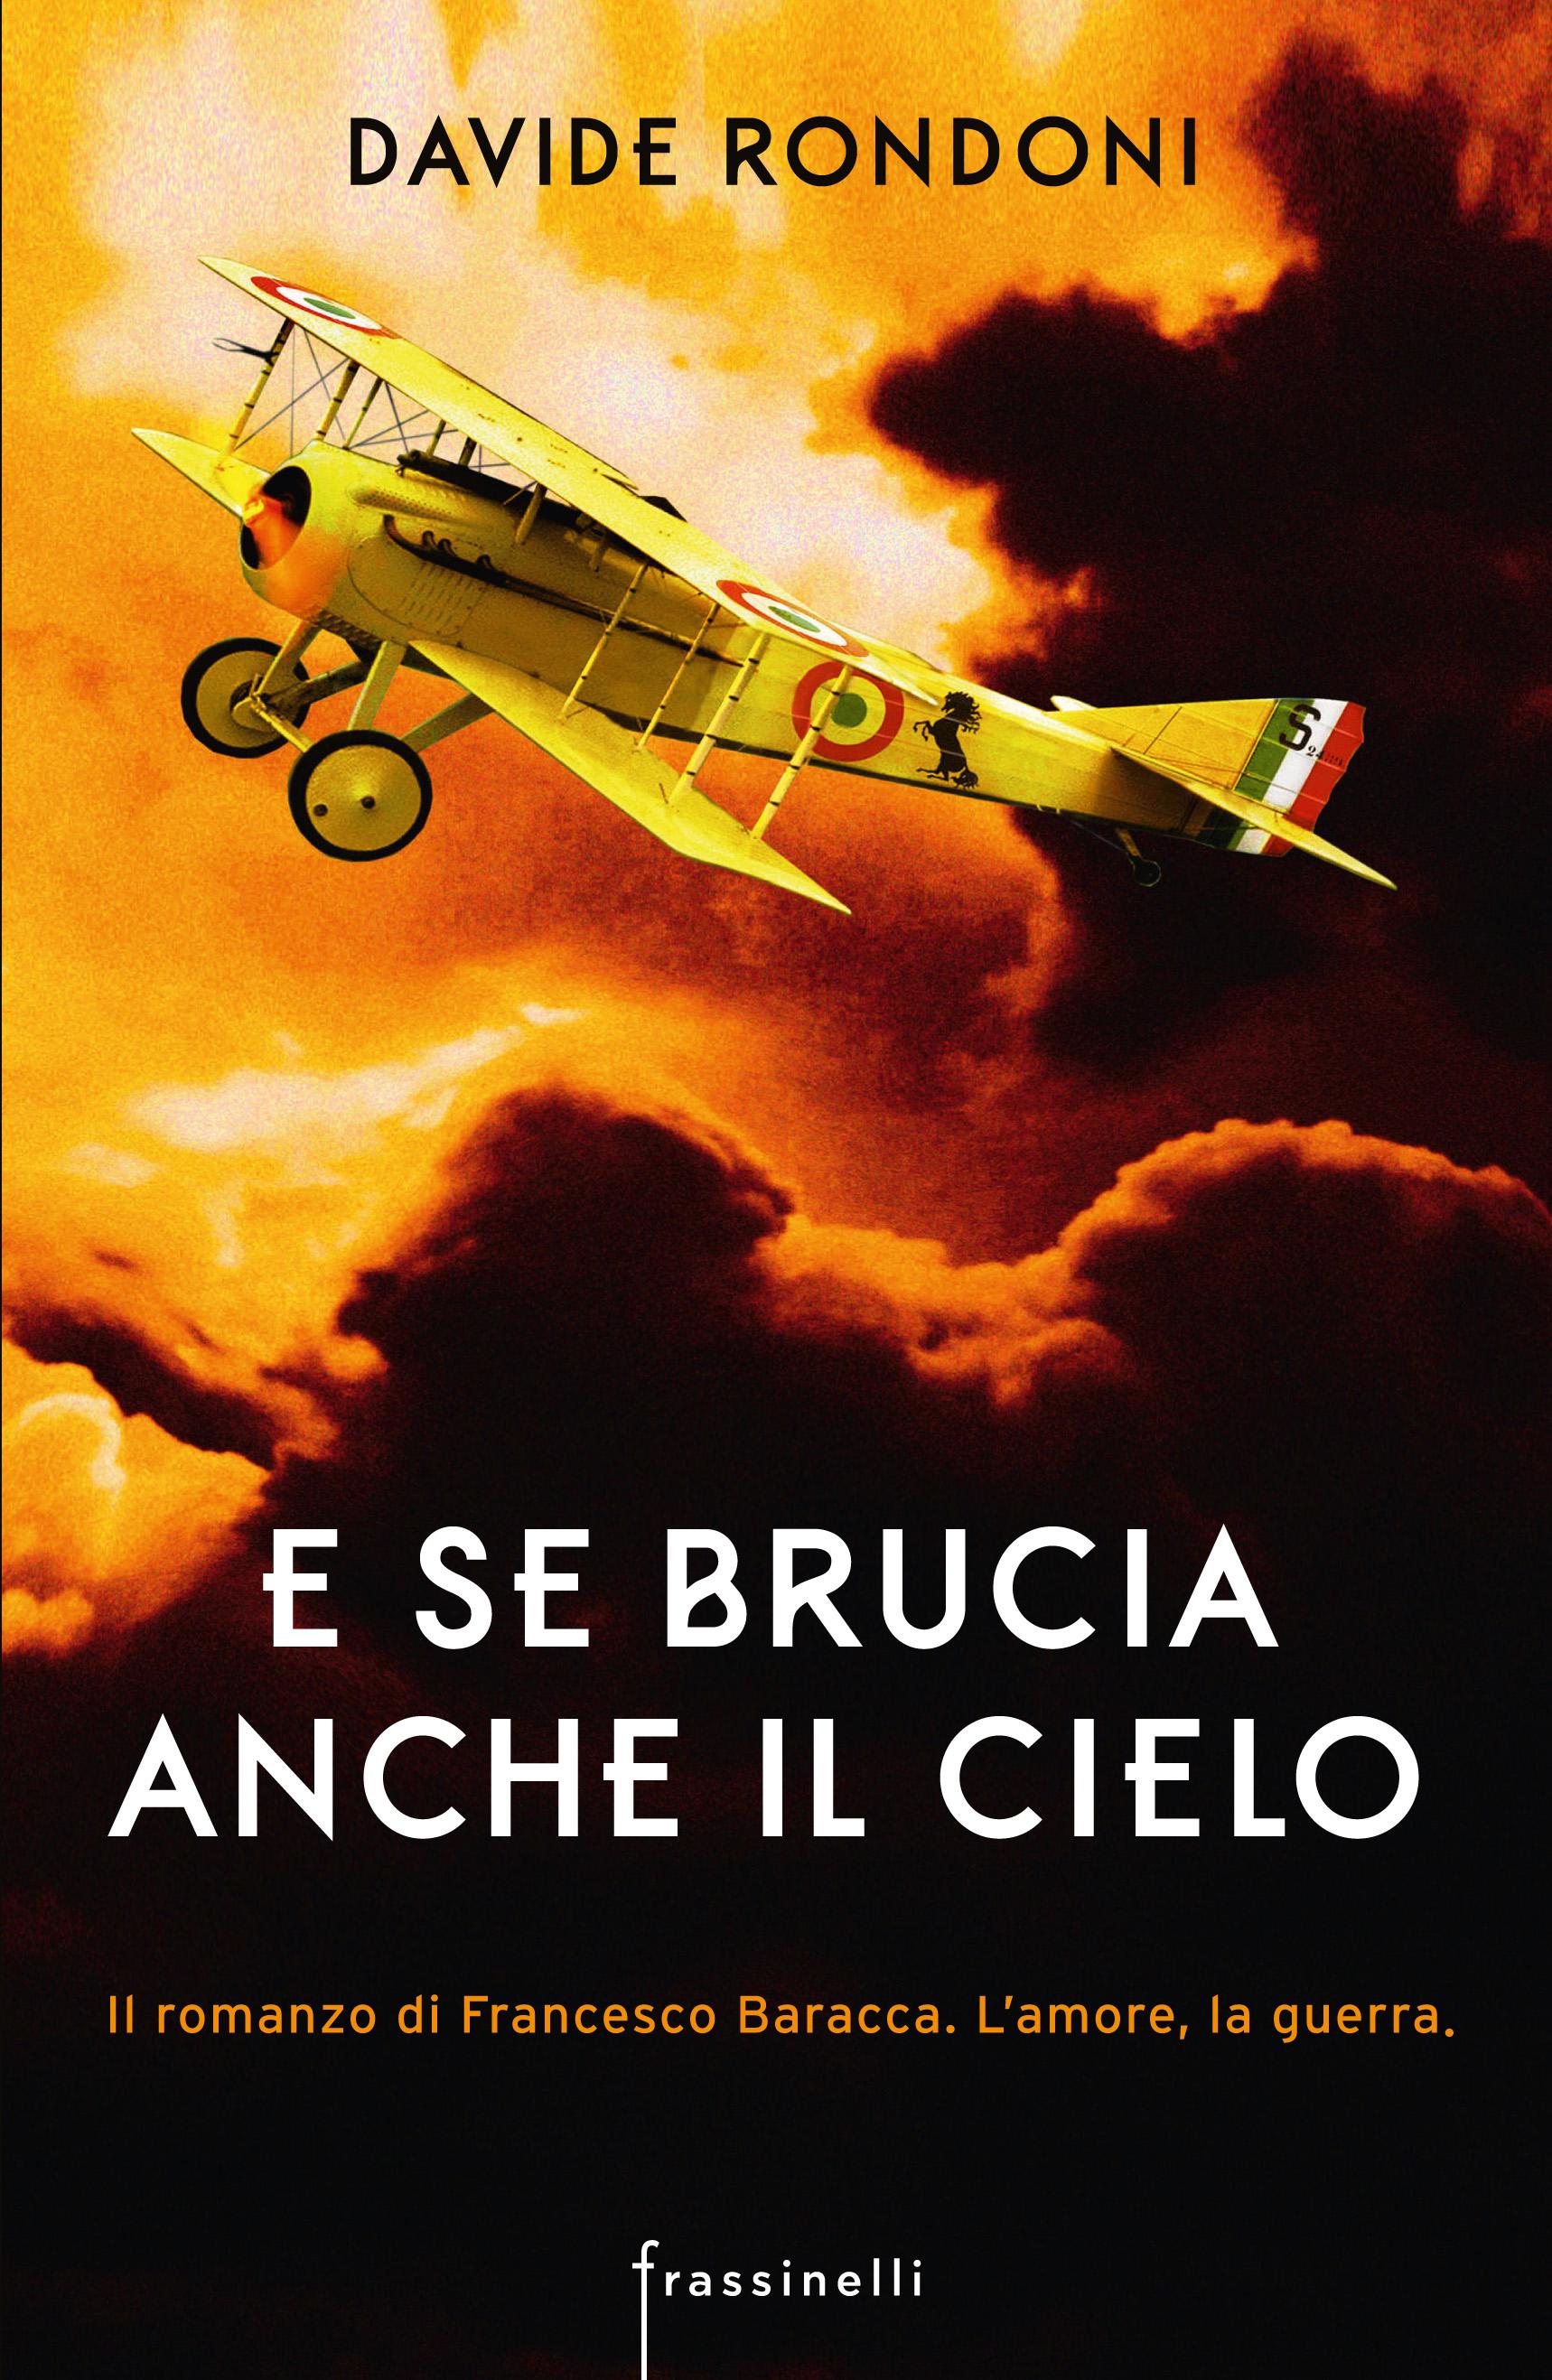 """Davide Rondoni, """"E se brucia anche il cielo"""""""